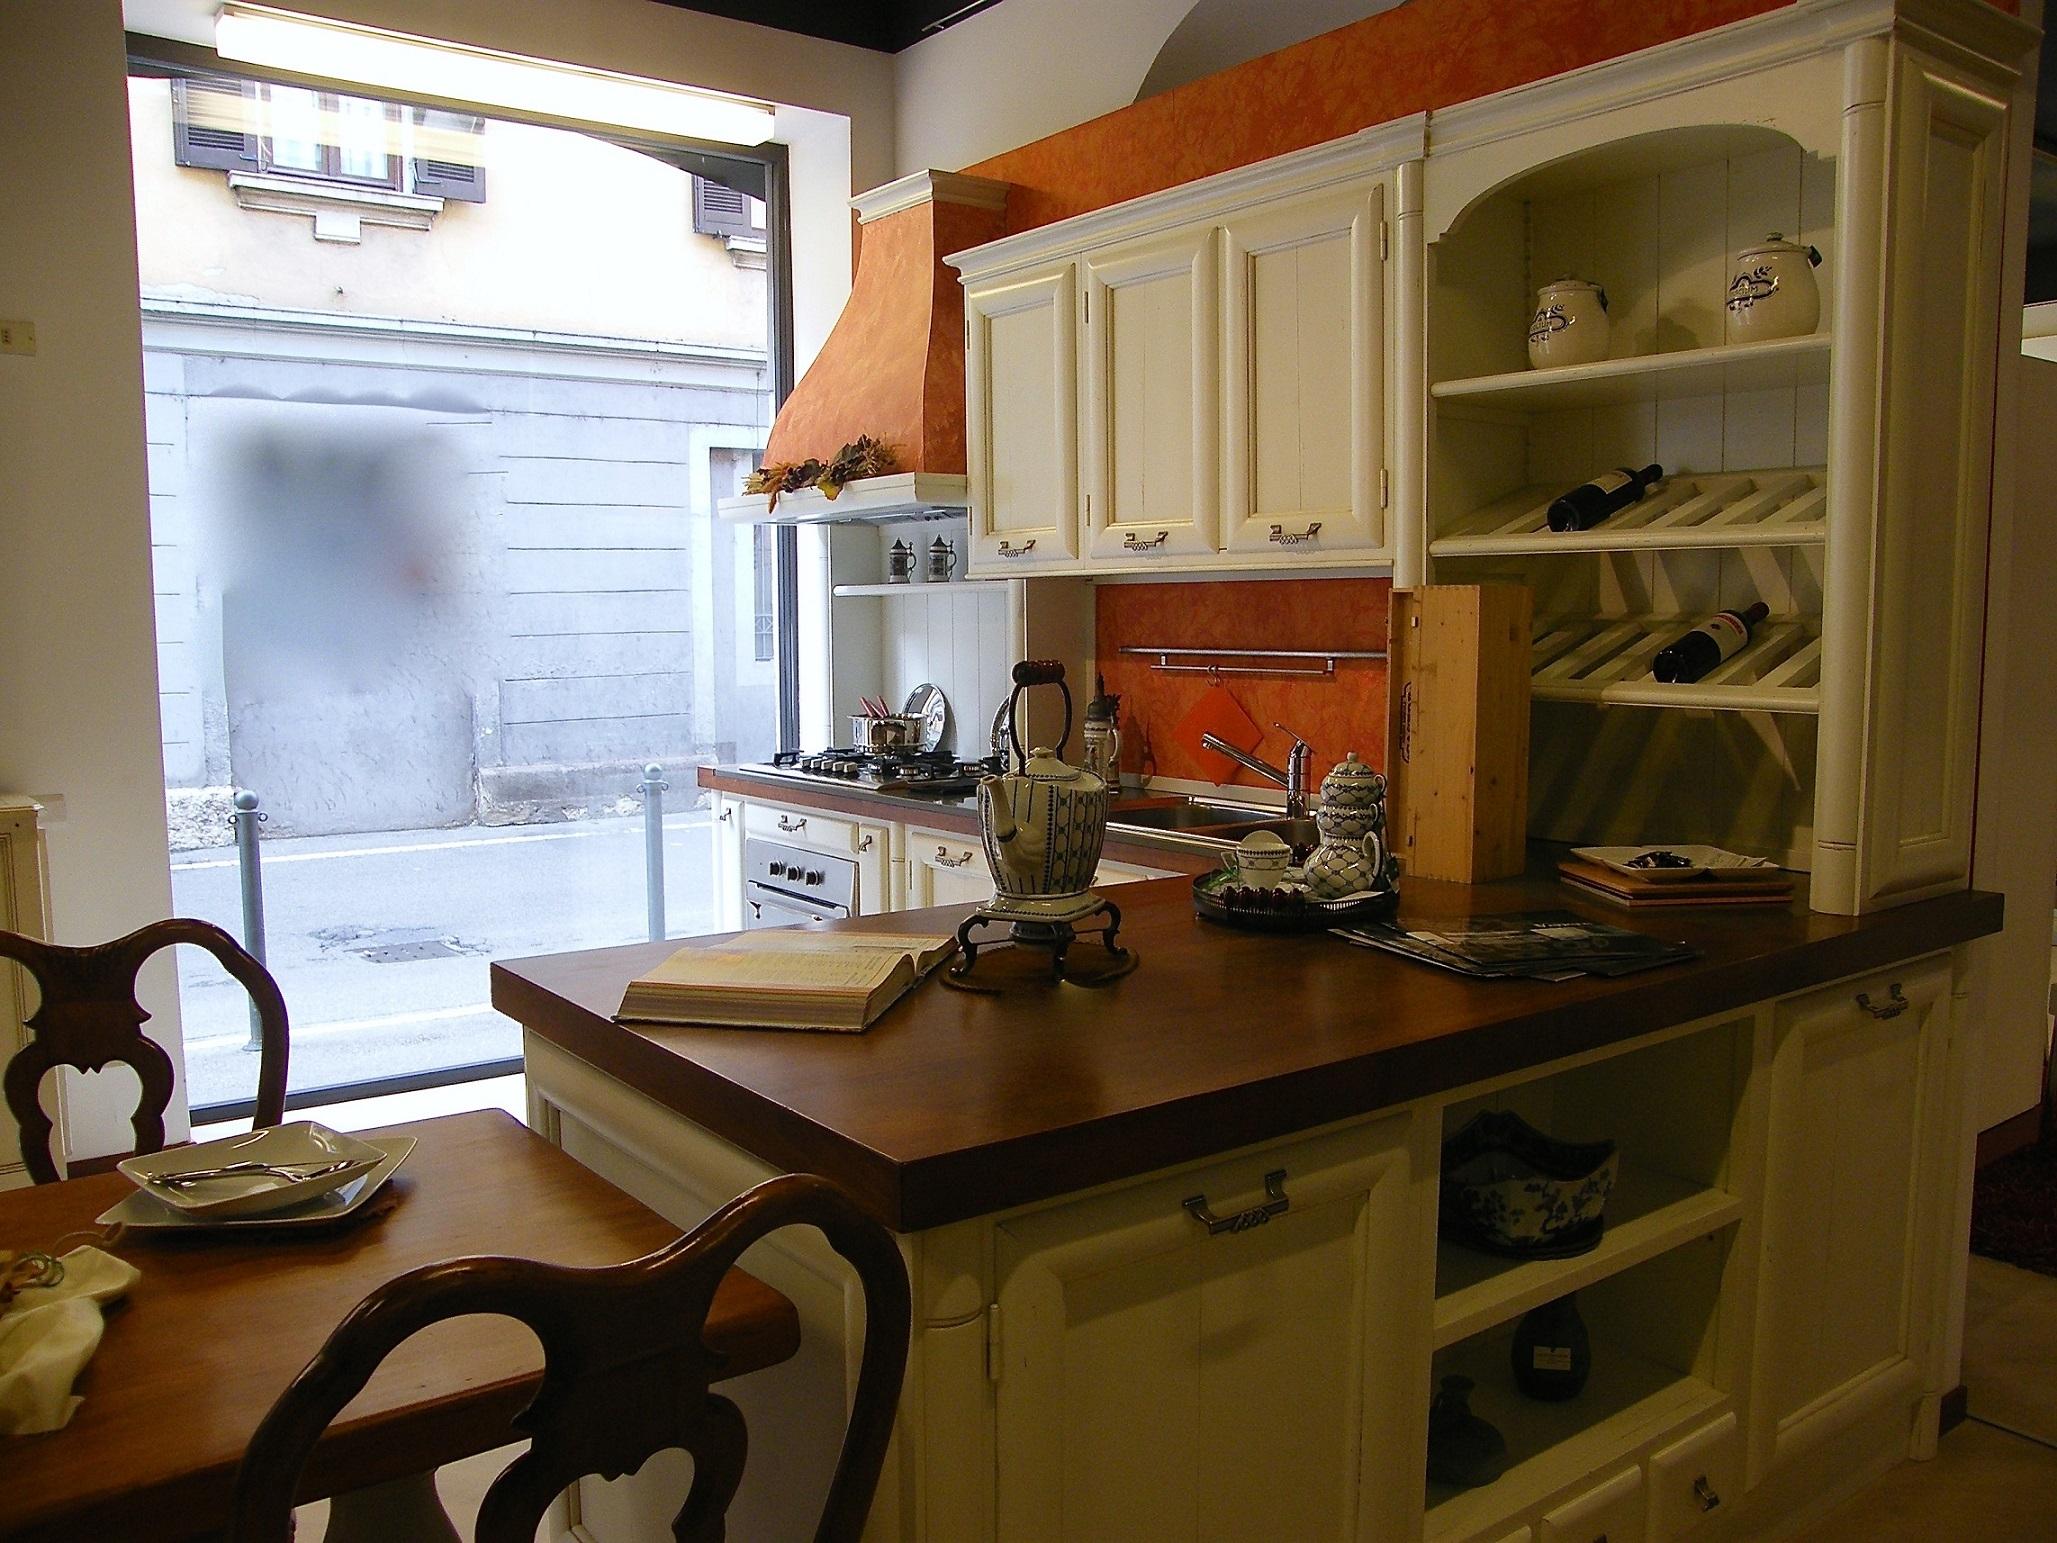 Cucina artigianale modello amelia in legno massello - Cucina laccata bianca ...